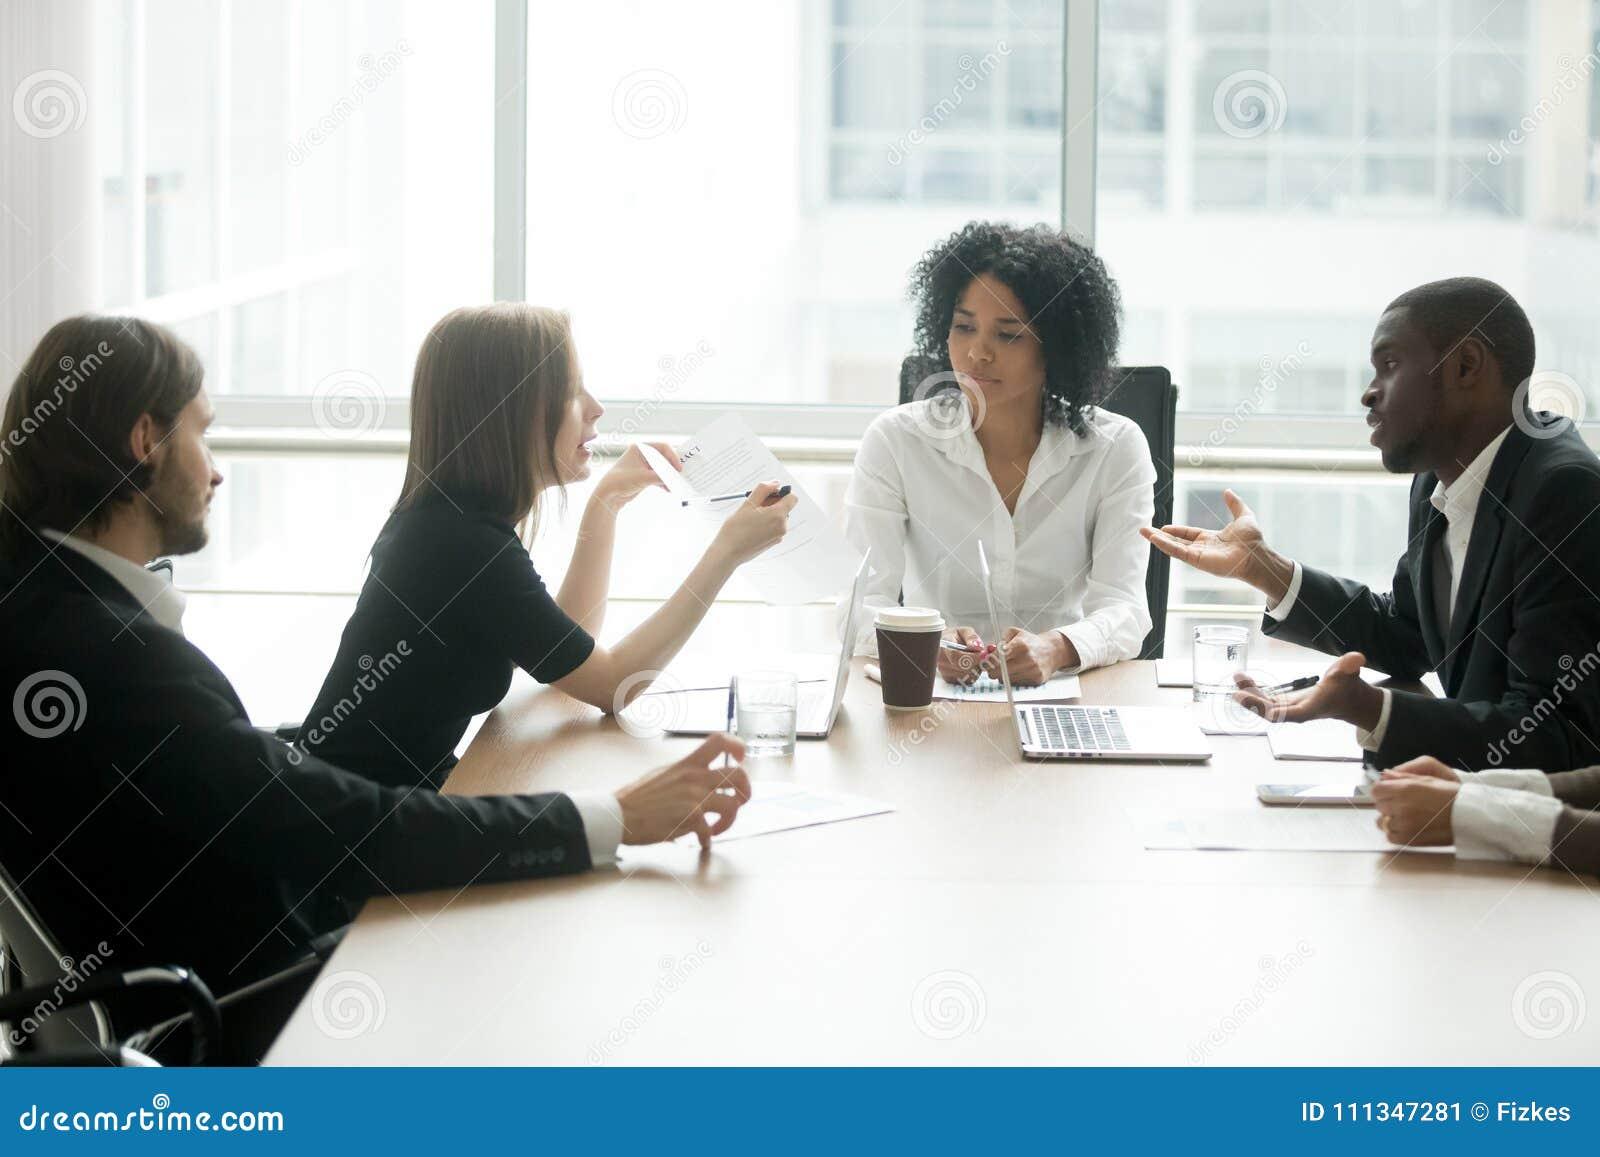 Verschiedene Teilhaber, die über schlechten Vertrag an der Gruppe mich argumentieren